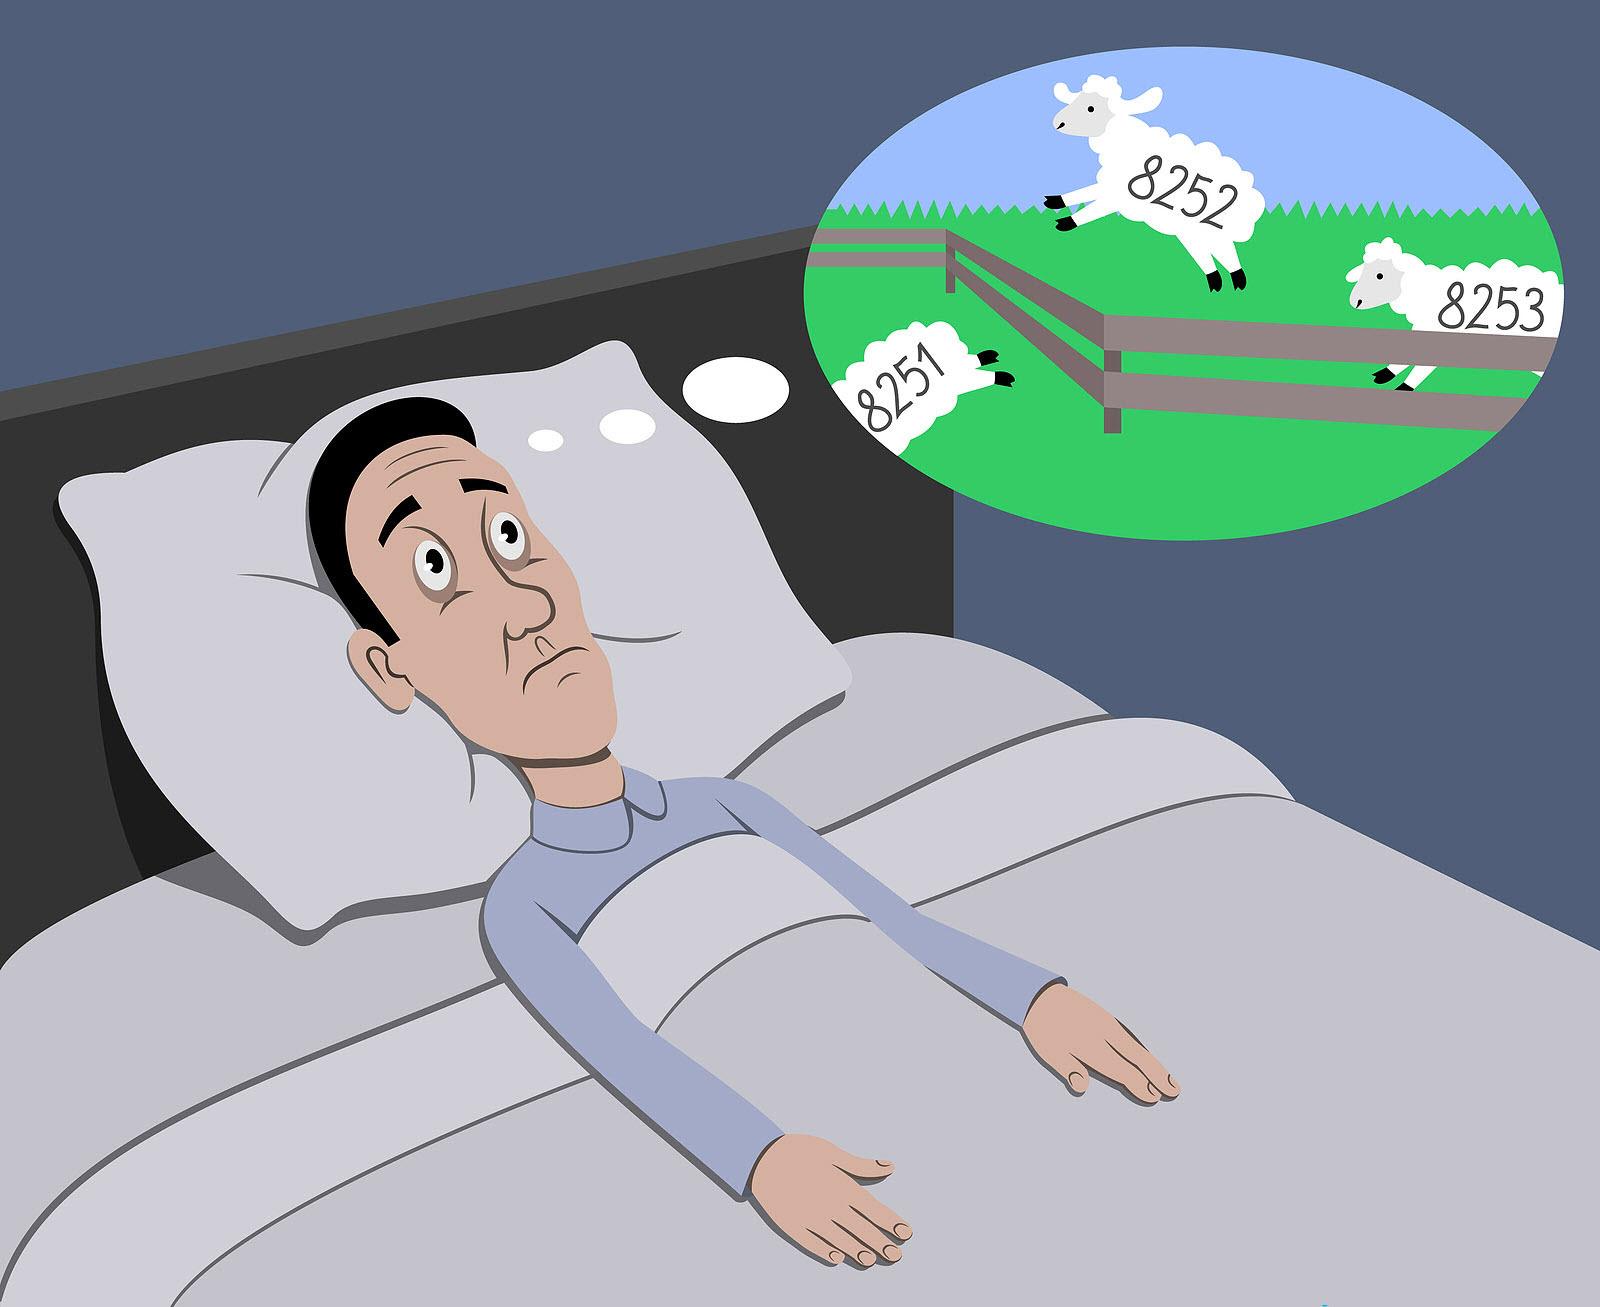 Tranh vẽ đếm cừu khó ngủ